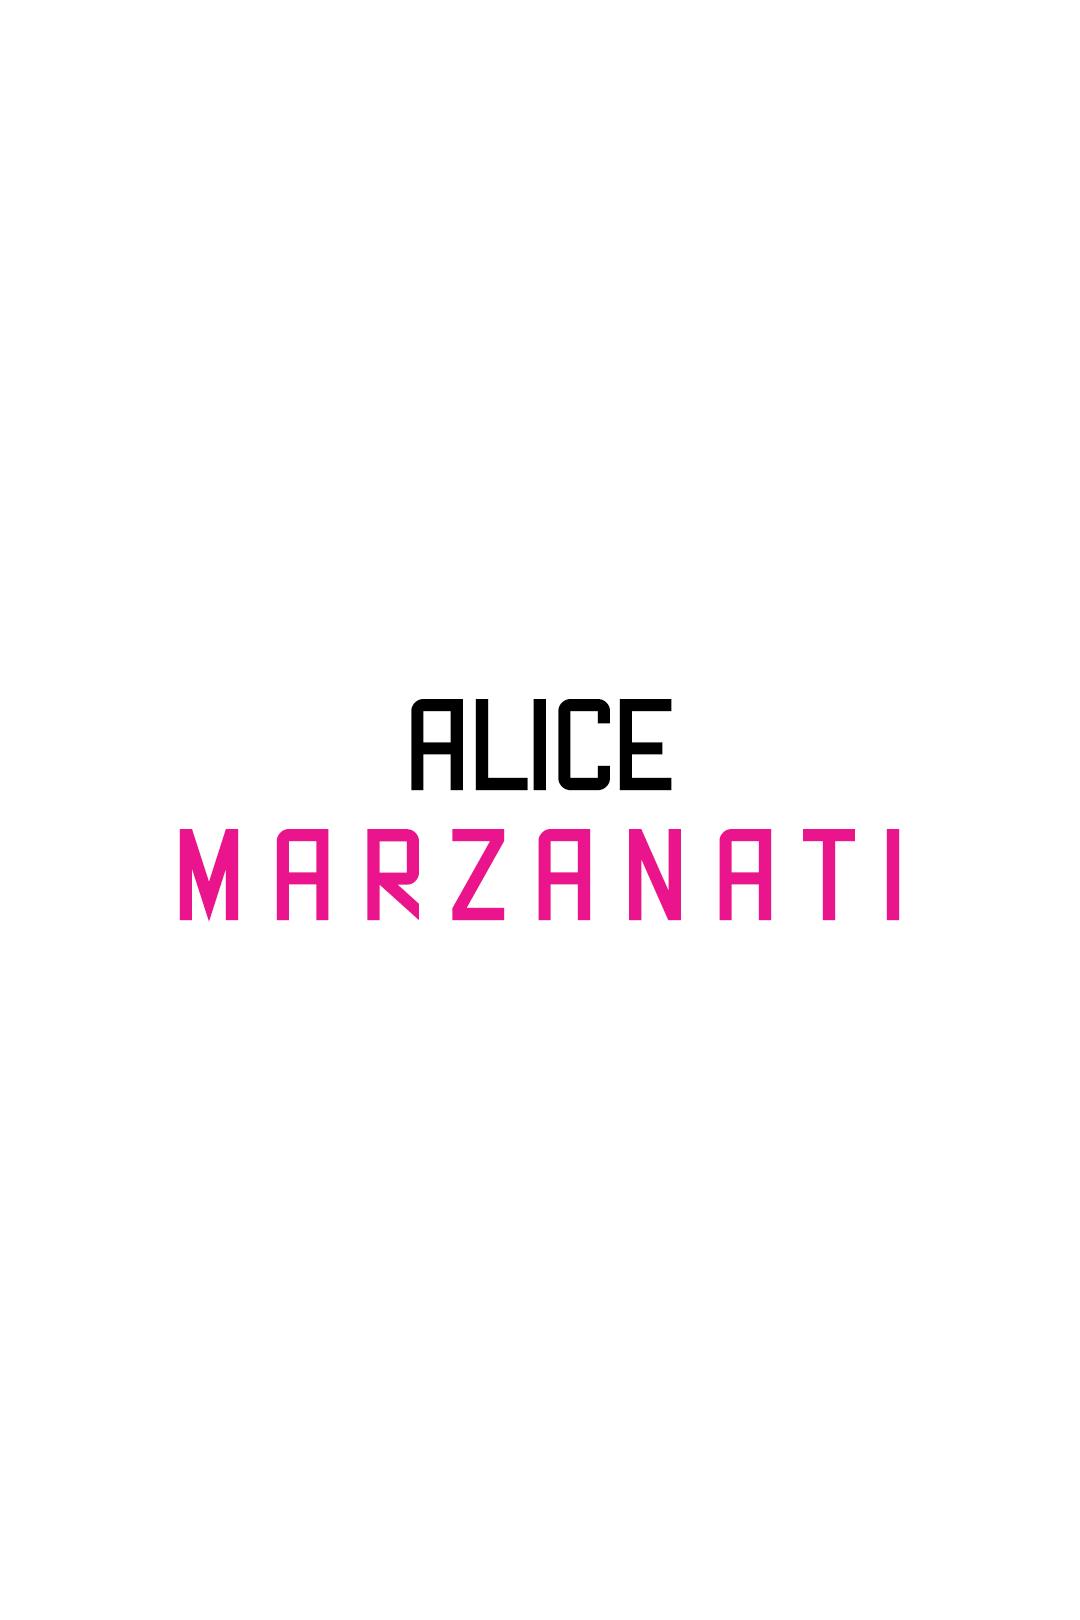 14 – Alice Marzanati